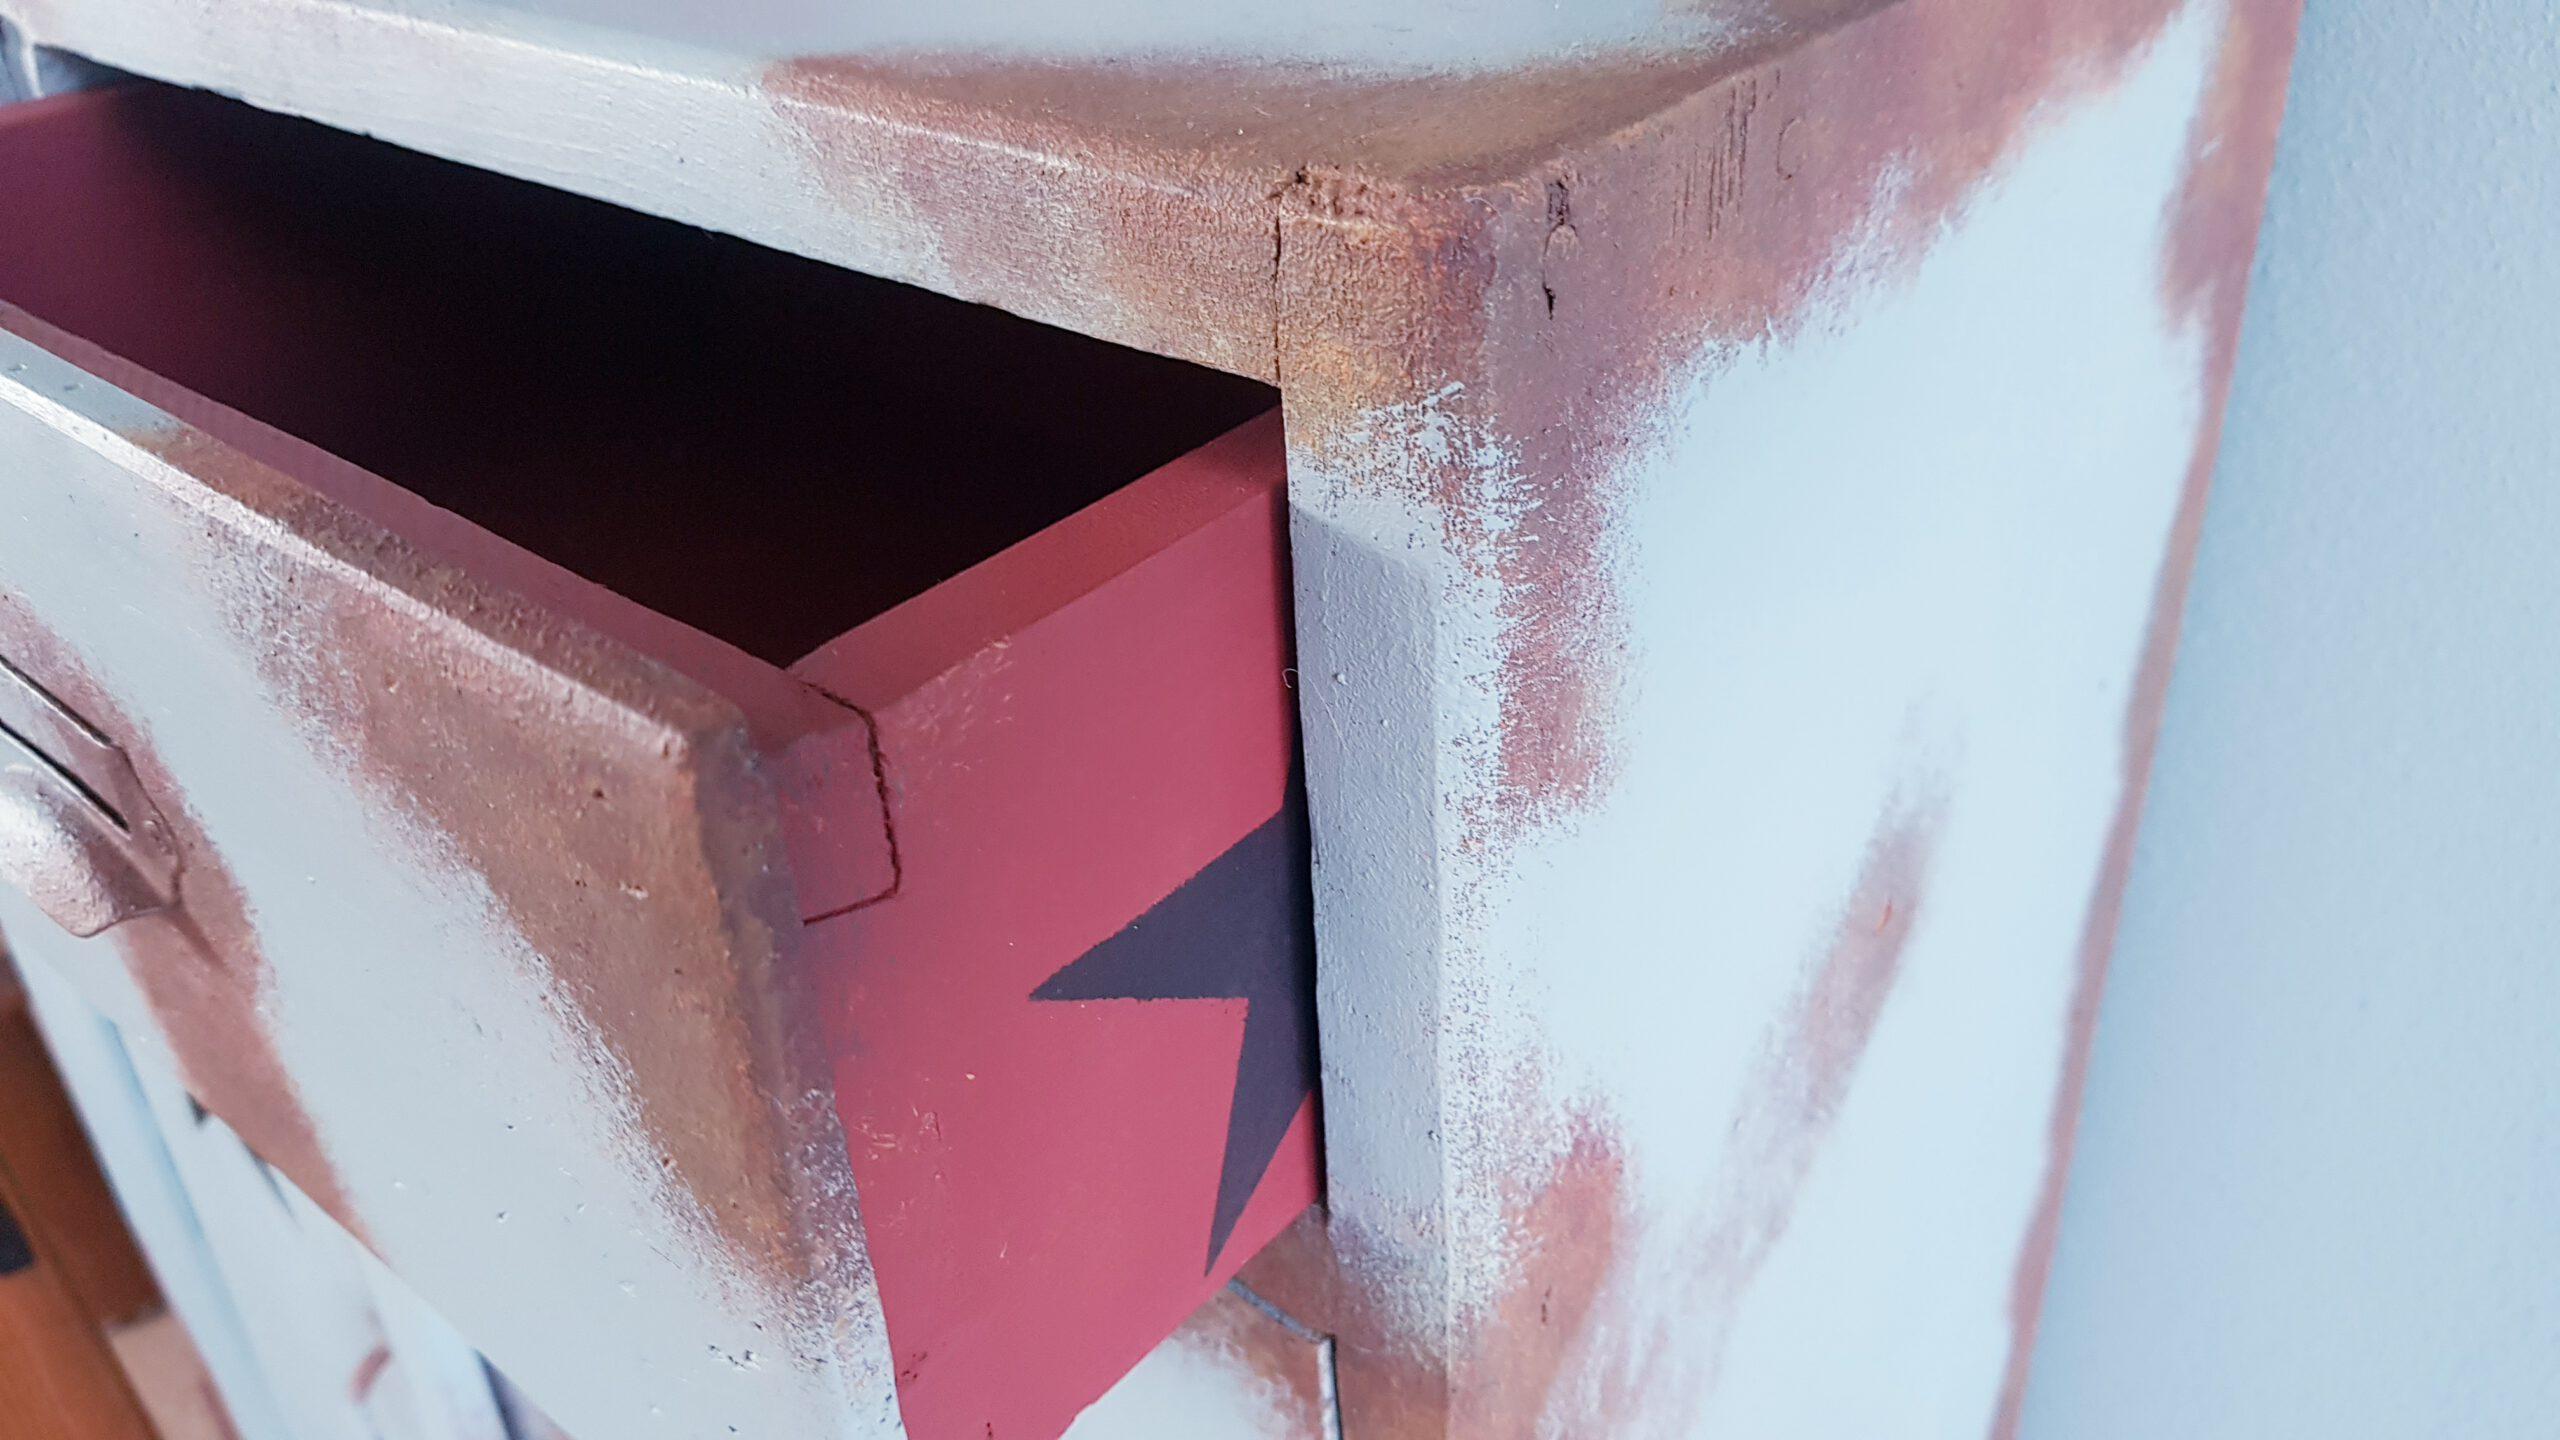 diy-möbel-upcycling-rost-look-effekt-streichen-kreidefarbe-kreativstattandrea-anleitung-wie man-saltwash-1